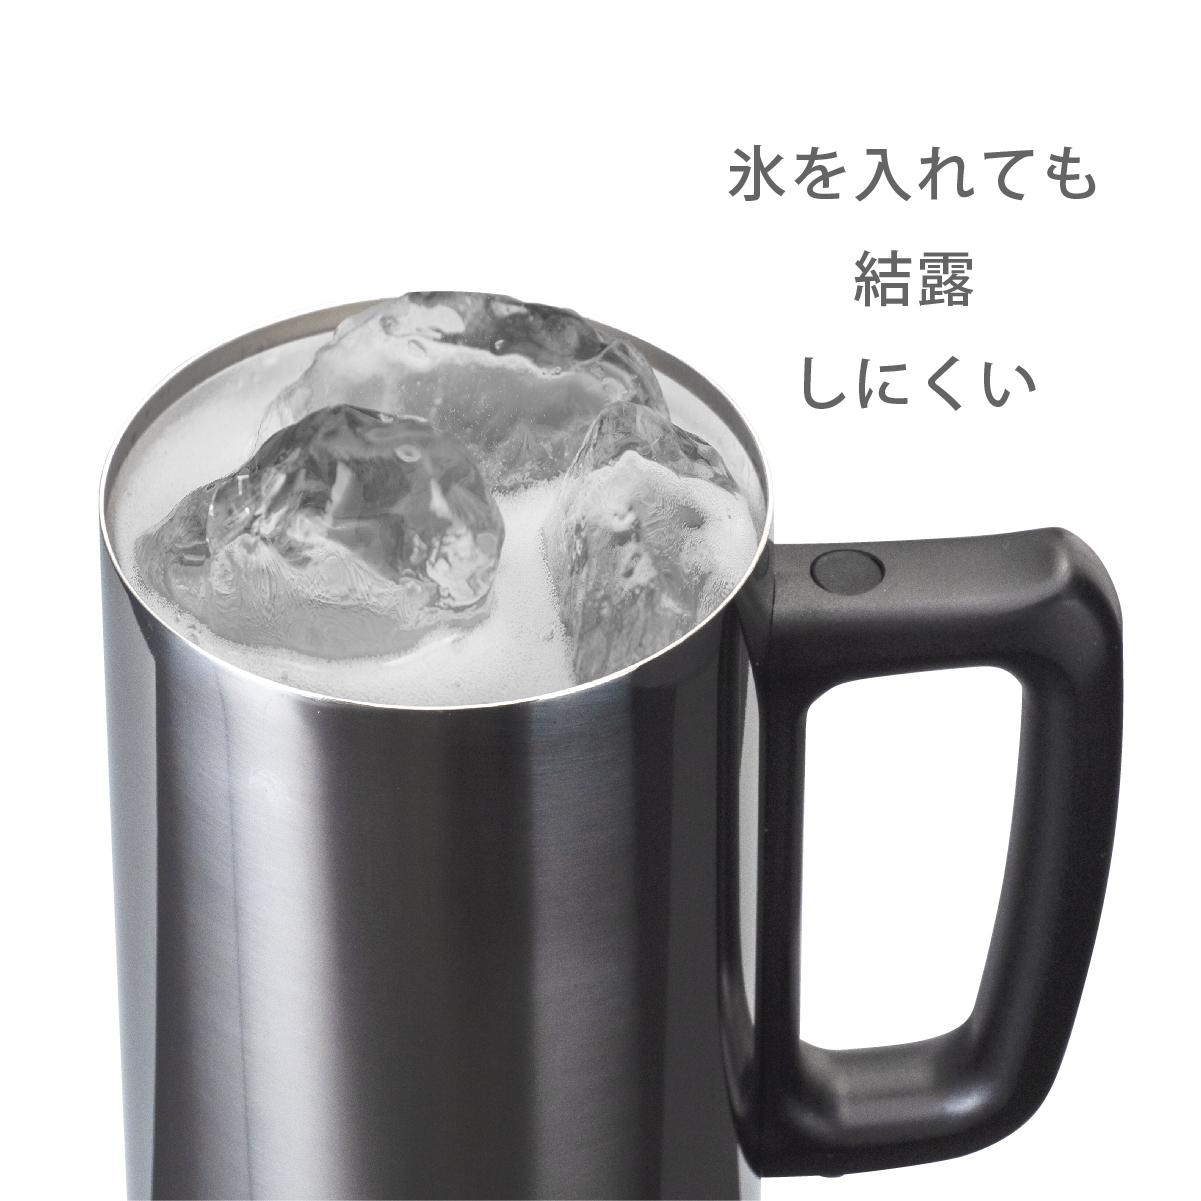 氷を入れても結露しにくい